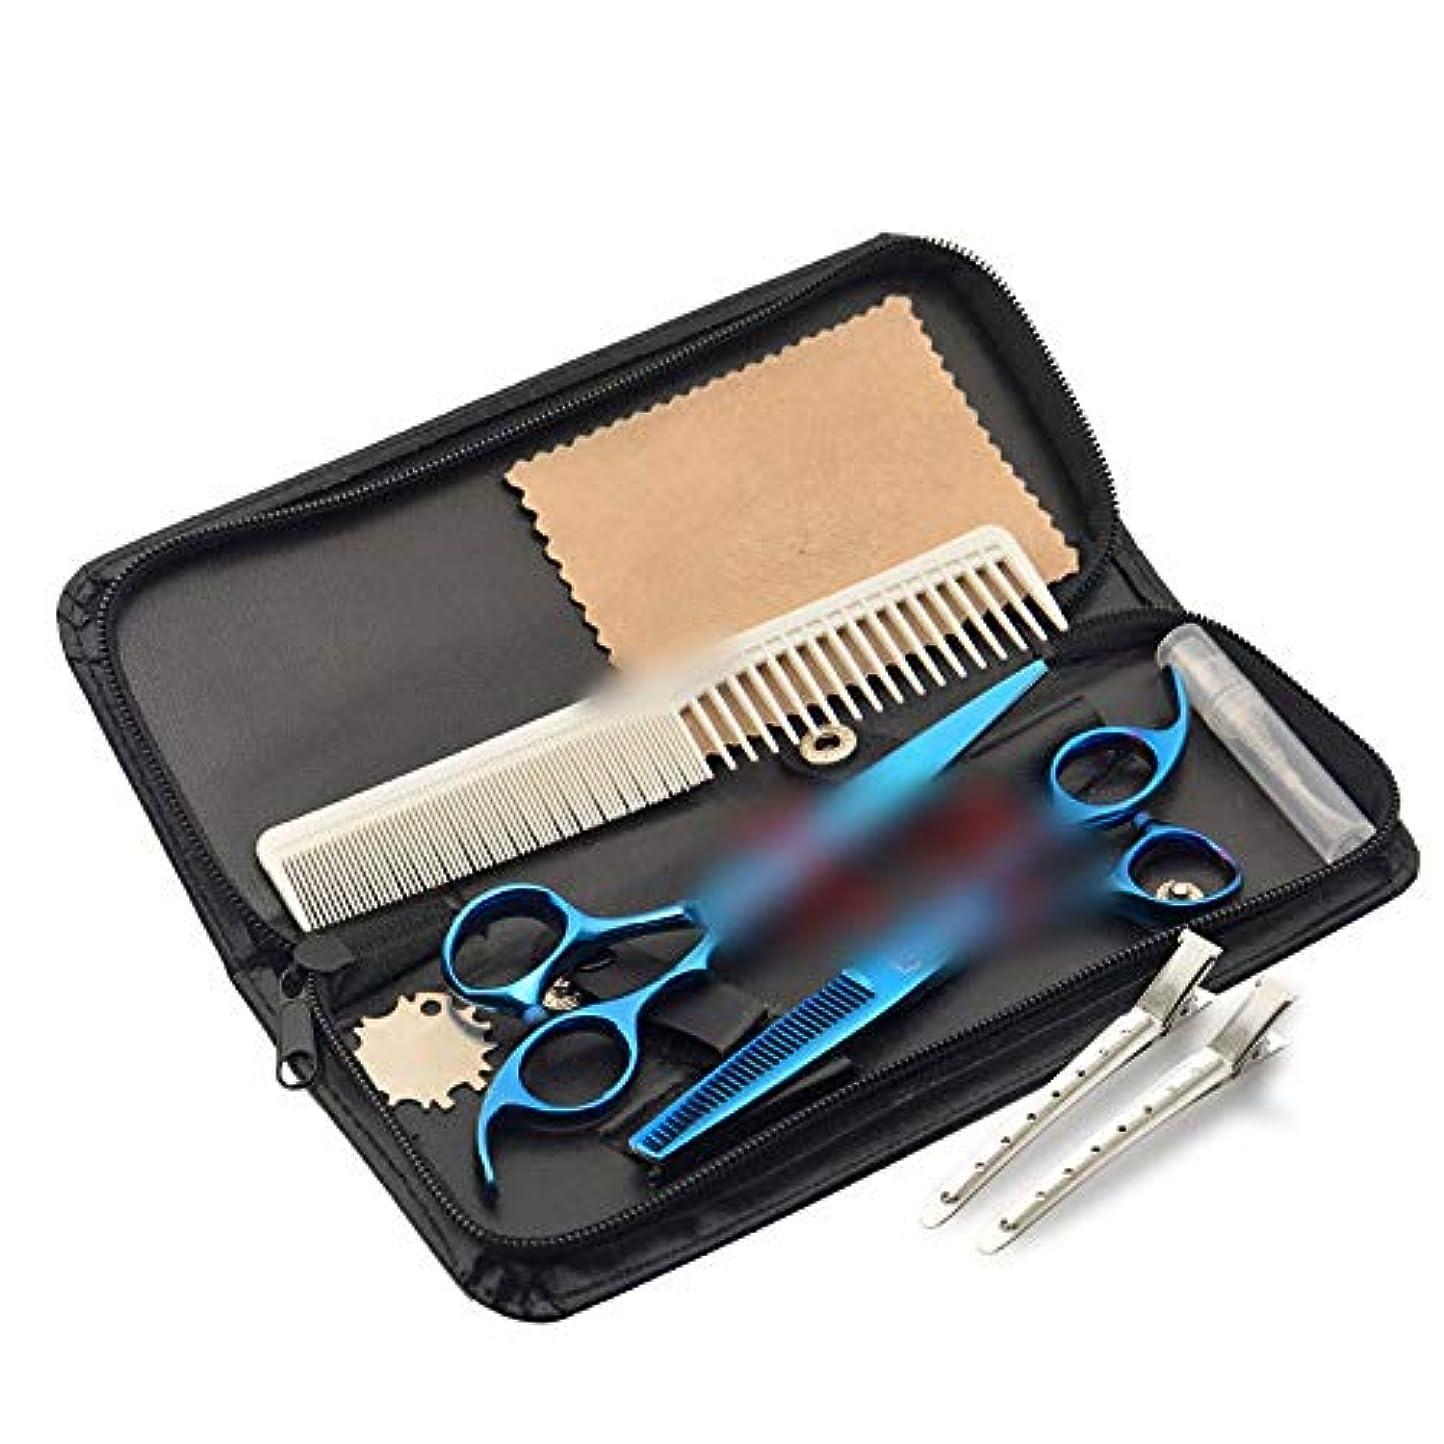 姪ビルマすりJiaoran 6.0インチブルーダイヤモンドプロ理髪はさみセット、フラットカット+歯カット理髪はさみツール (Color : Blue)